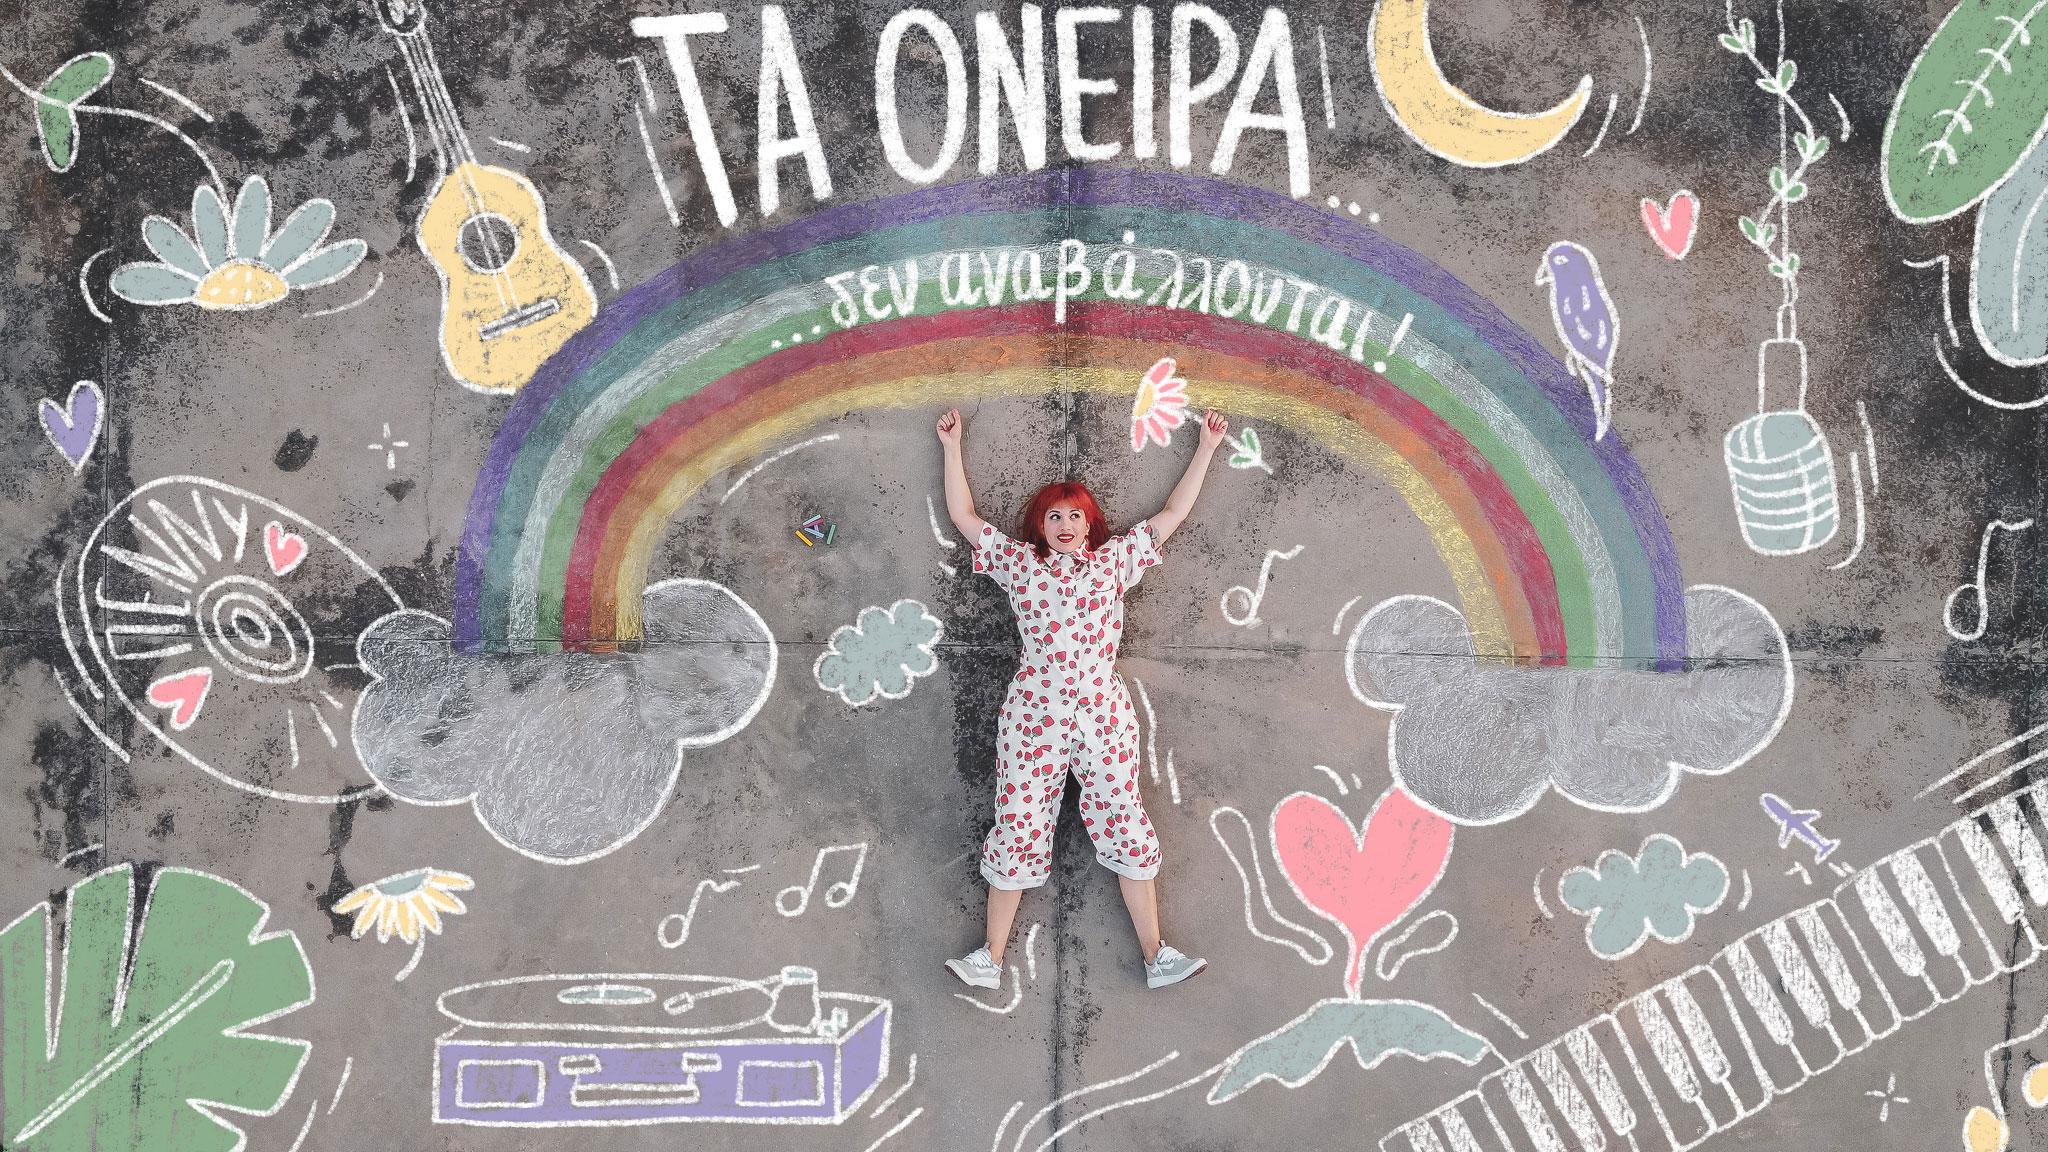 Φτιάχνουμε τραγούδια παρέα με την Πέννυ Μπαλτατζή – Thisisus.gr